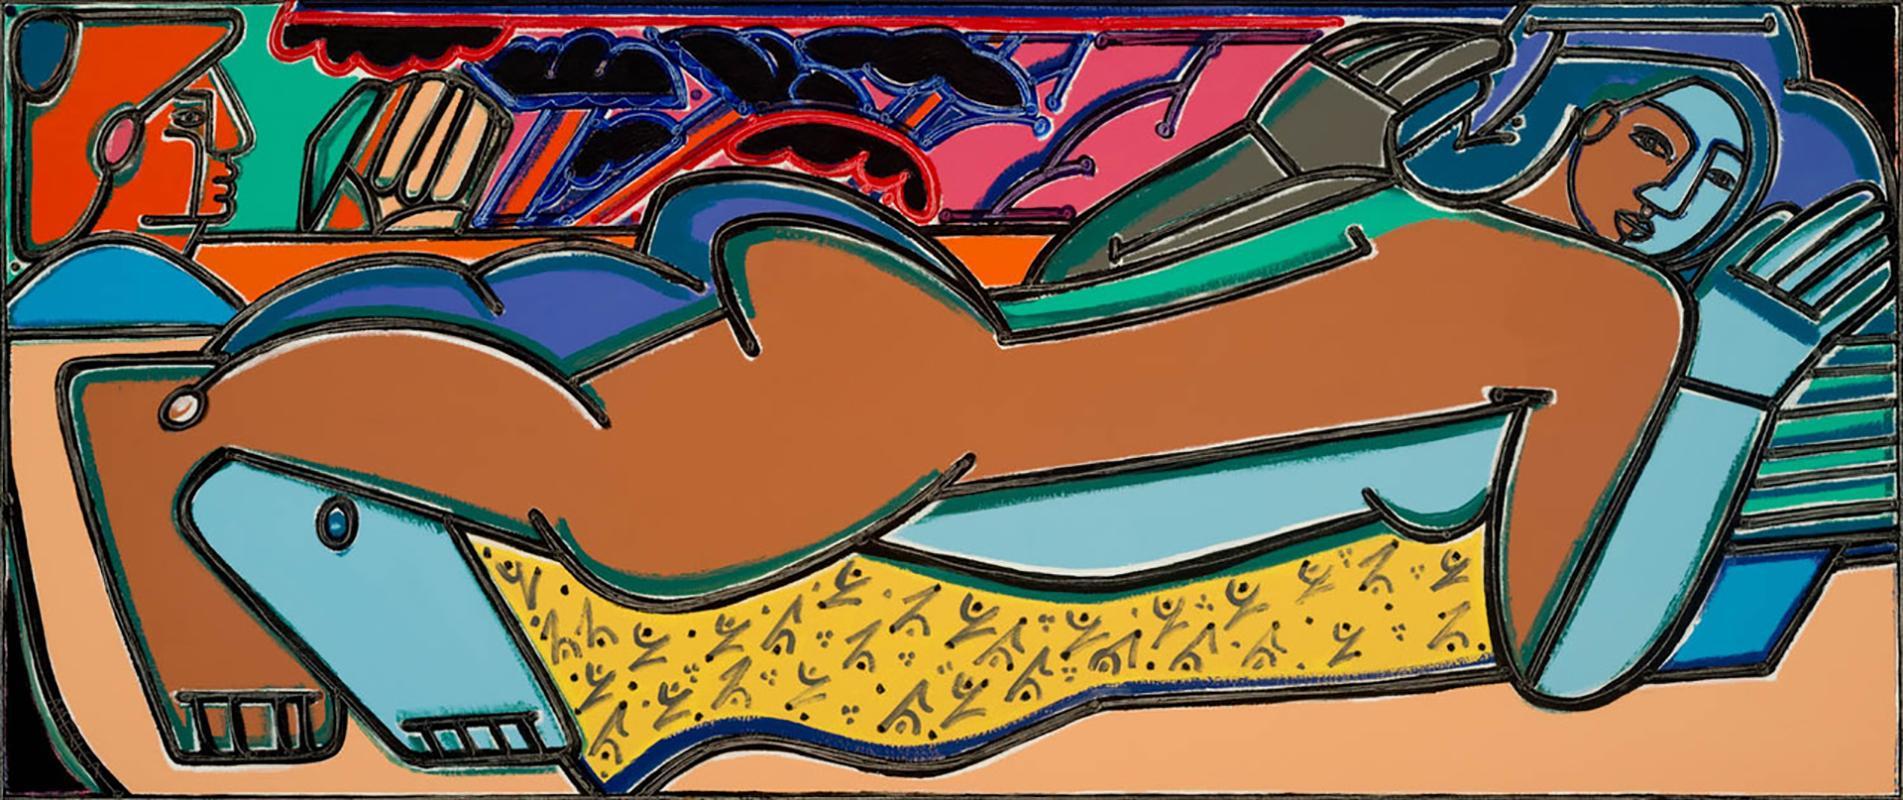 Ode to Gauguin_2021, America Martin_Oil/Acrylic/Canvas- Figurative, Nude